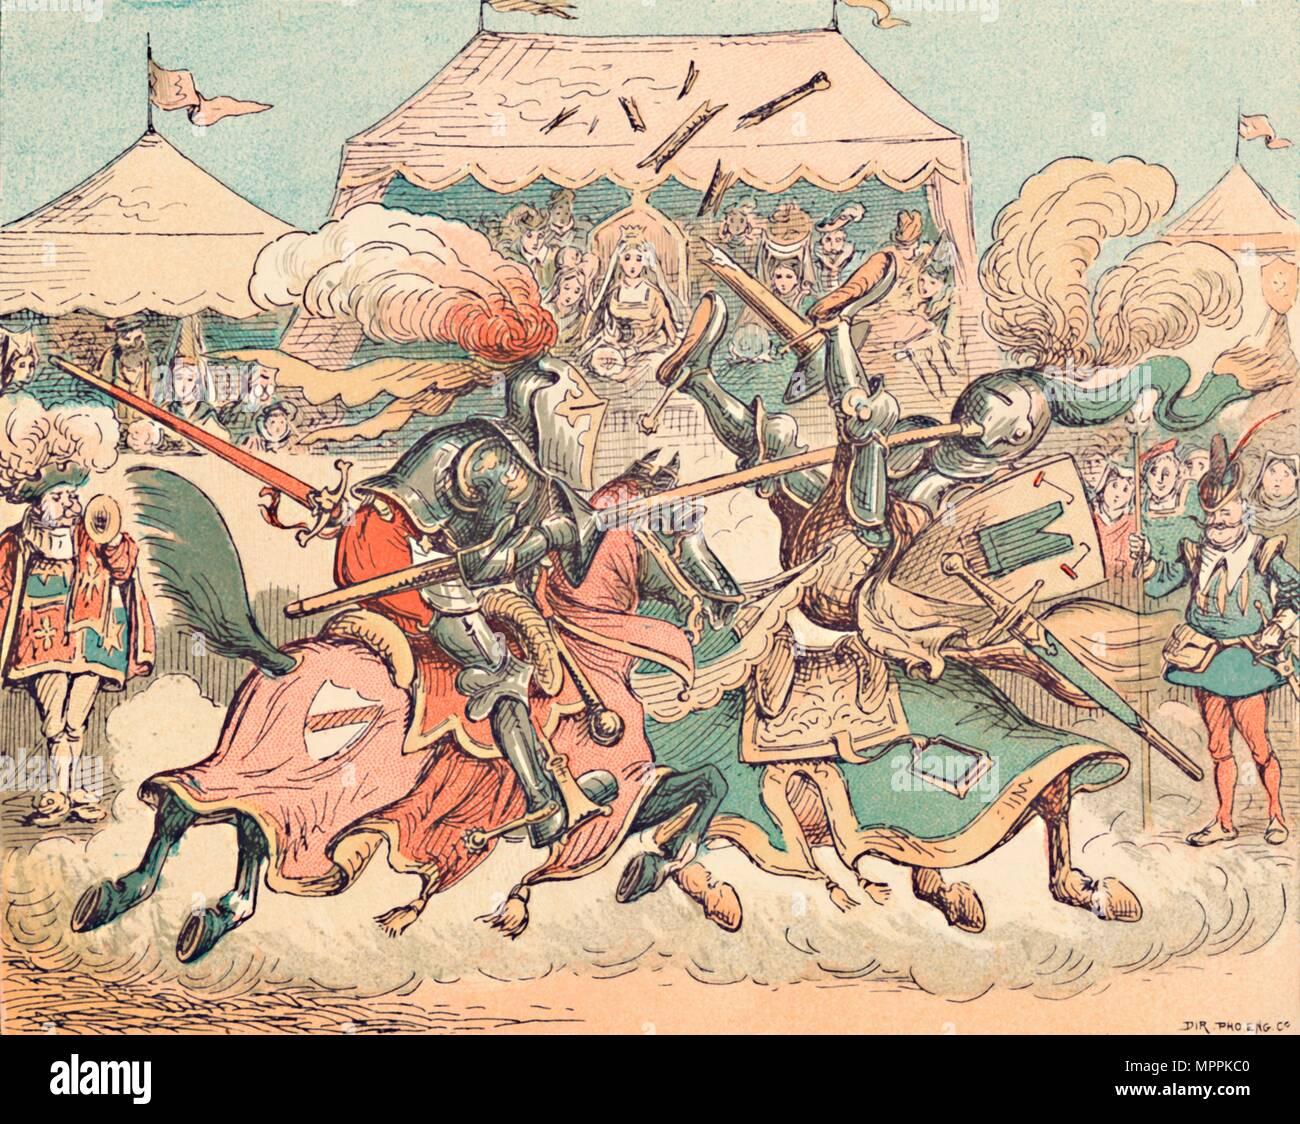 'Un torneo nel Medioevo', C1884. Artista: Thomas Seccombe forte. Immagini Stock